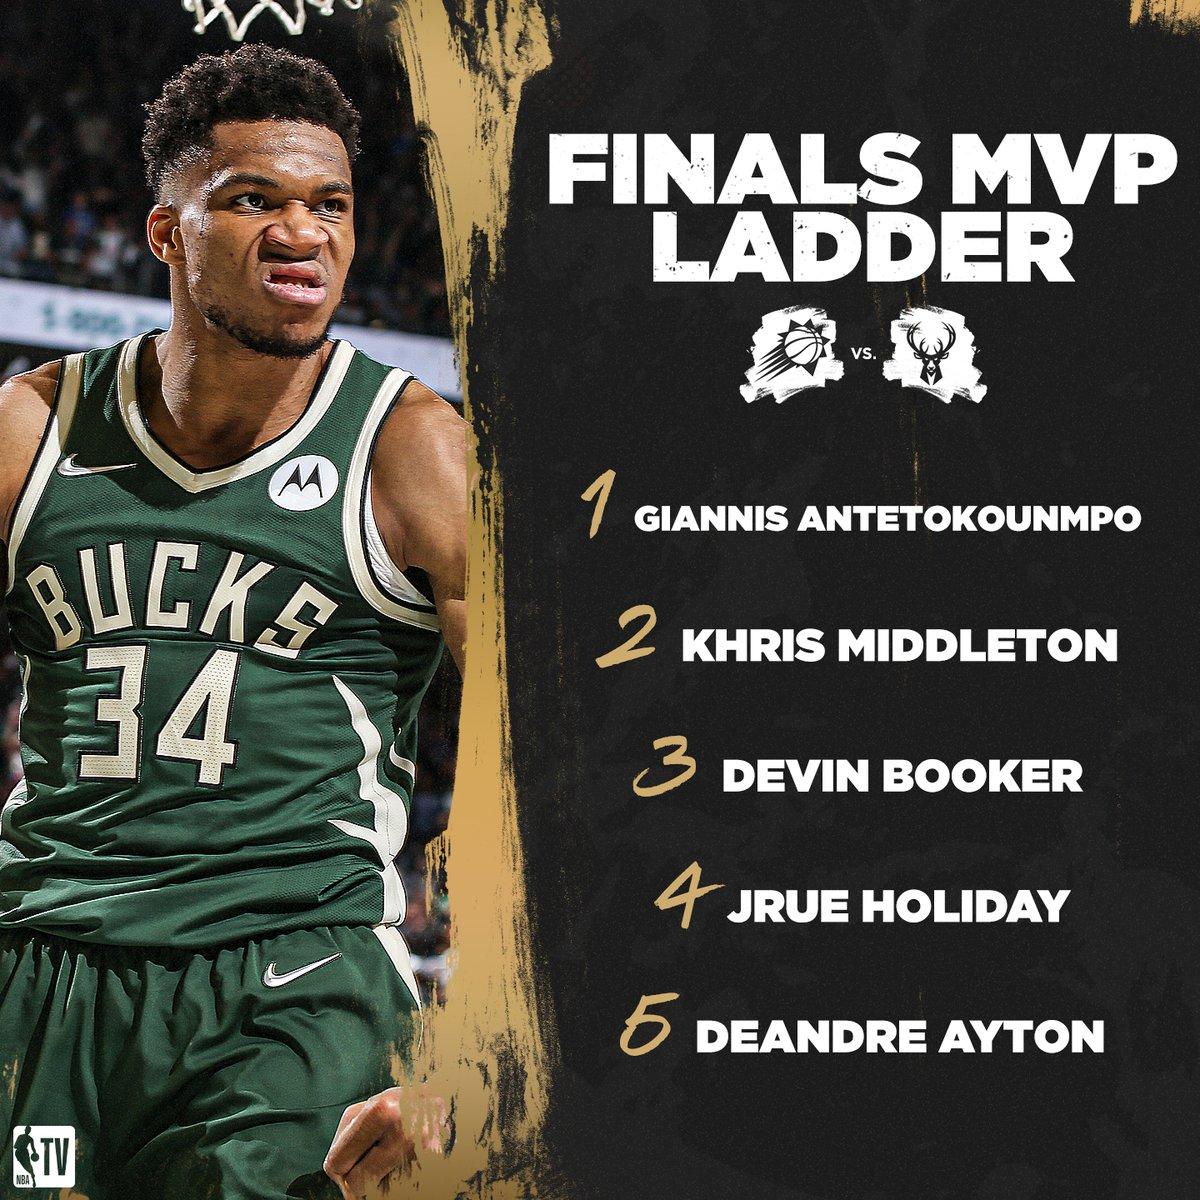 @NBATV's photo on Finals